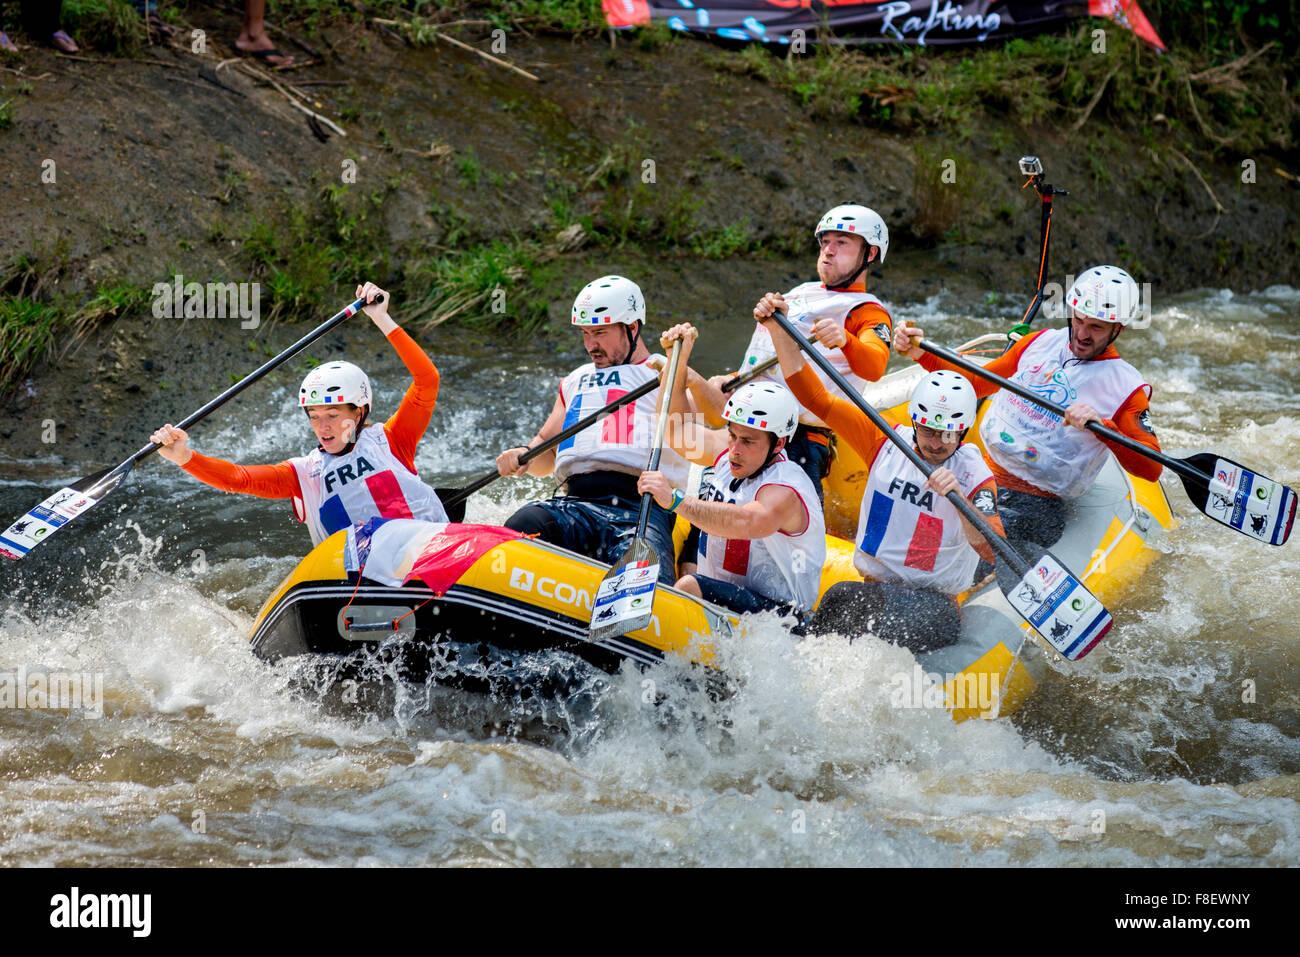 Die French open, Männer Team mit einem weiblichen Sparren auf Boot in Aktion während Sprint-Rennen-Kategorie Stockbild